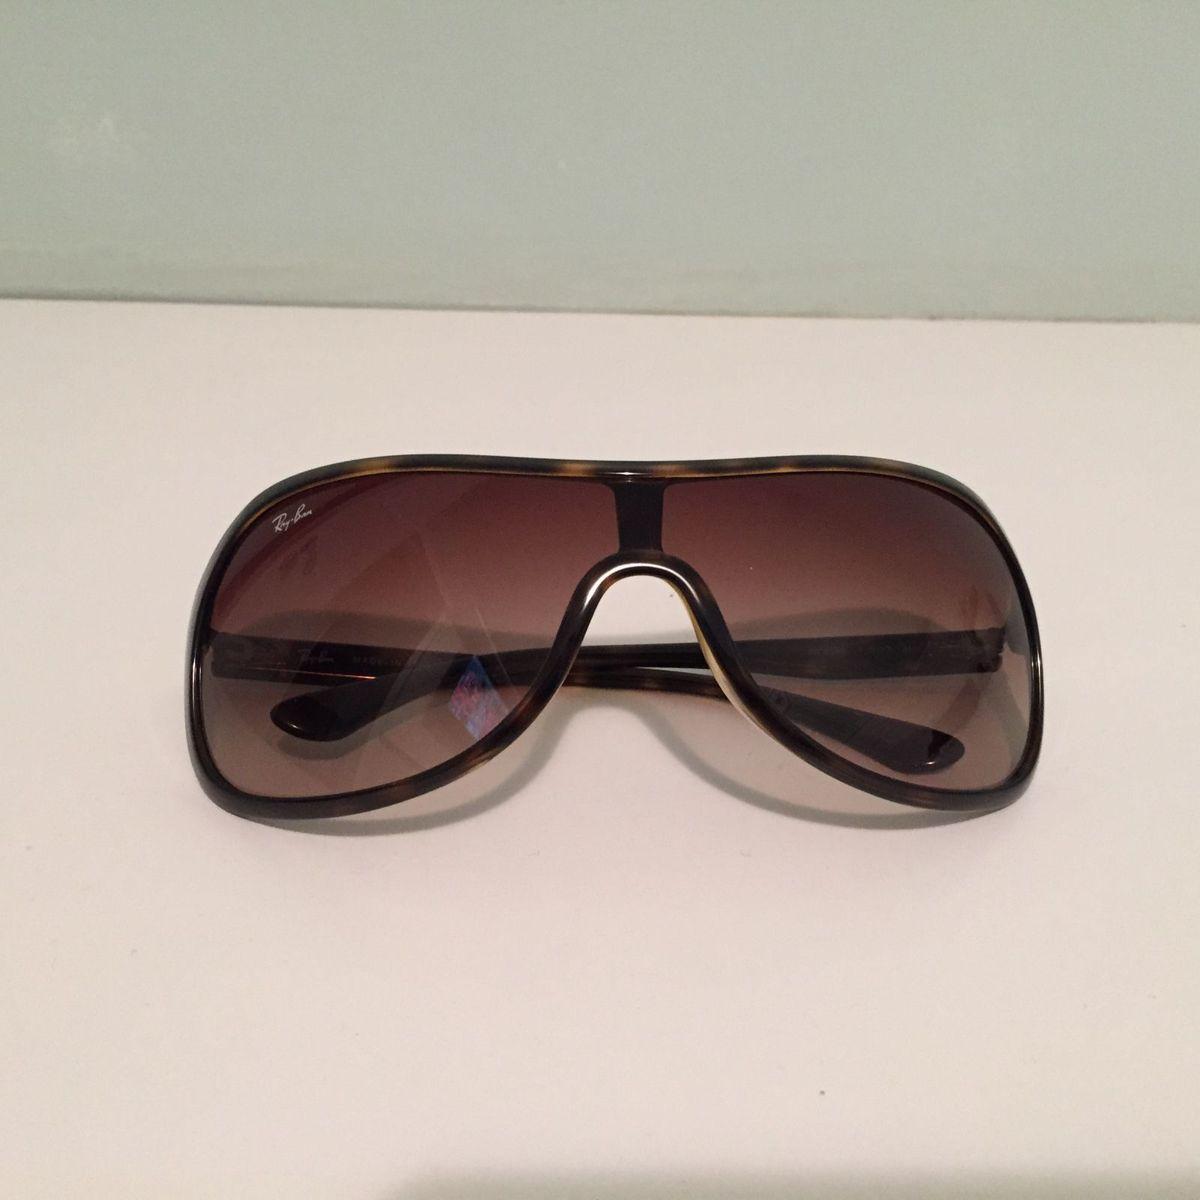 33fb1d44ae82d Óculos Ray Ban Máscara Rb4086 710 13